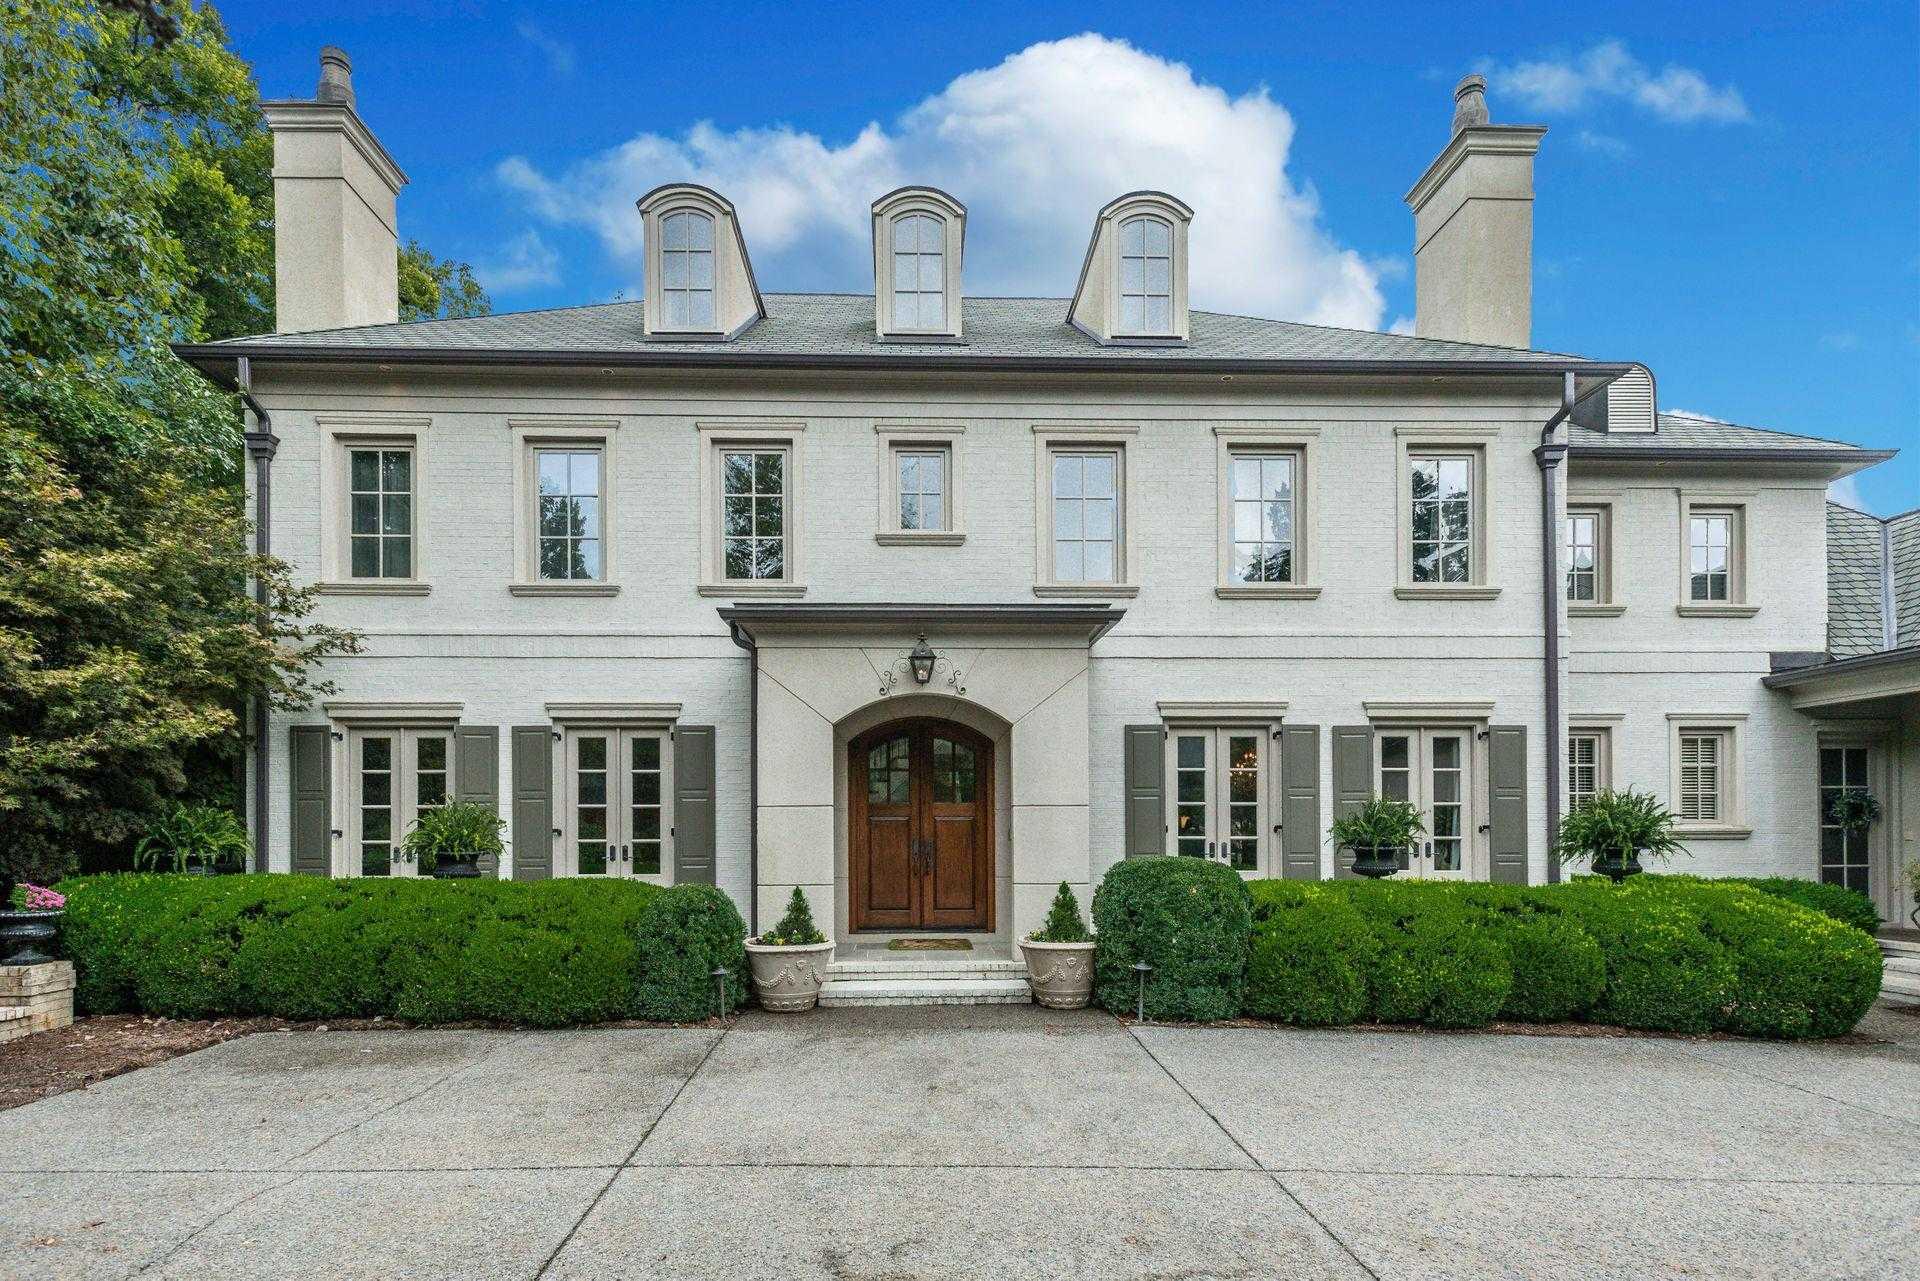 $1,825,000 - 5Br/7Ba -  for Sale in Laurelbrooke, Franklin